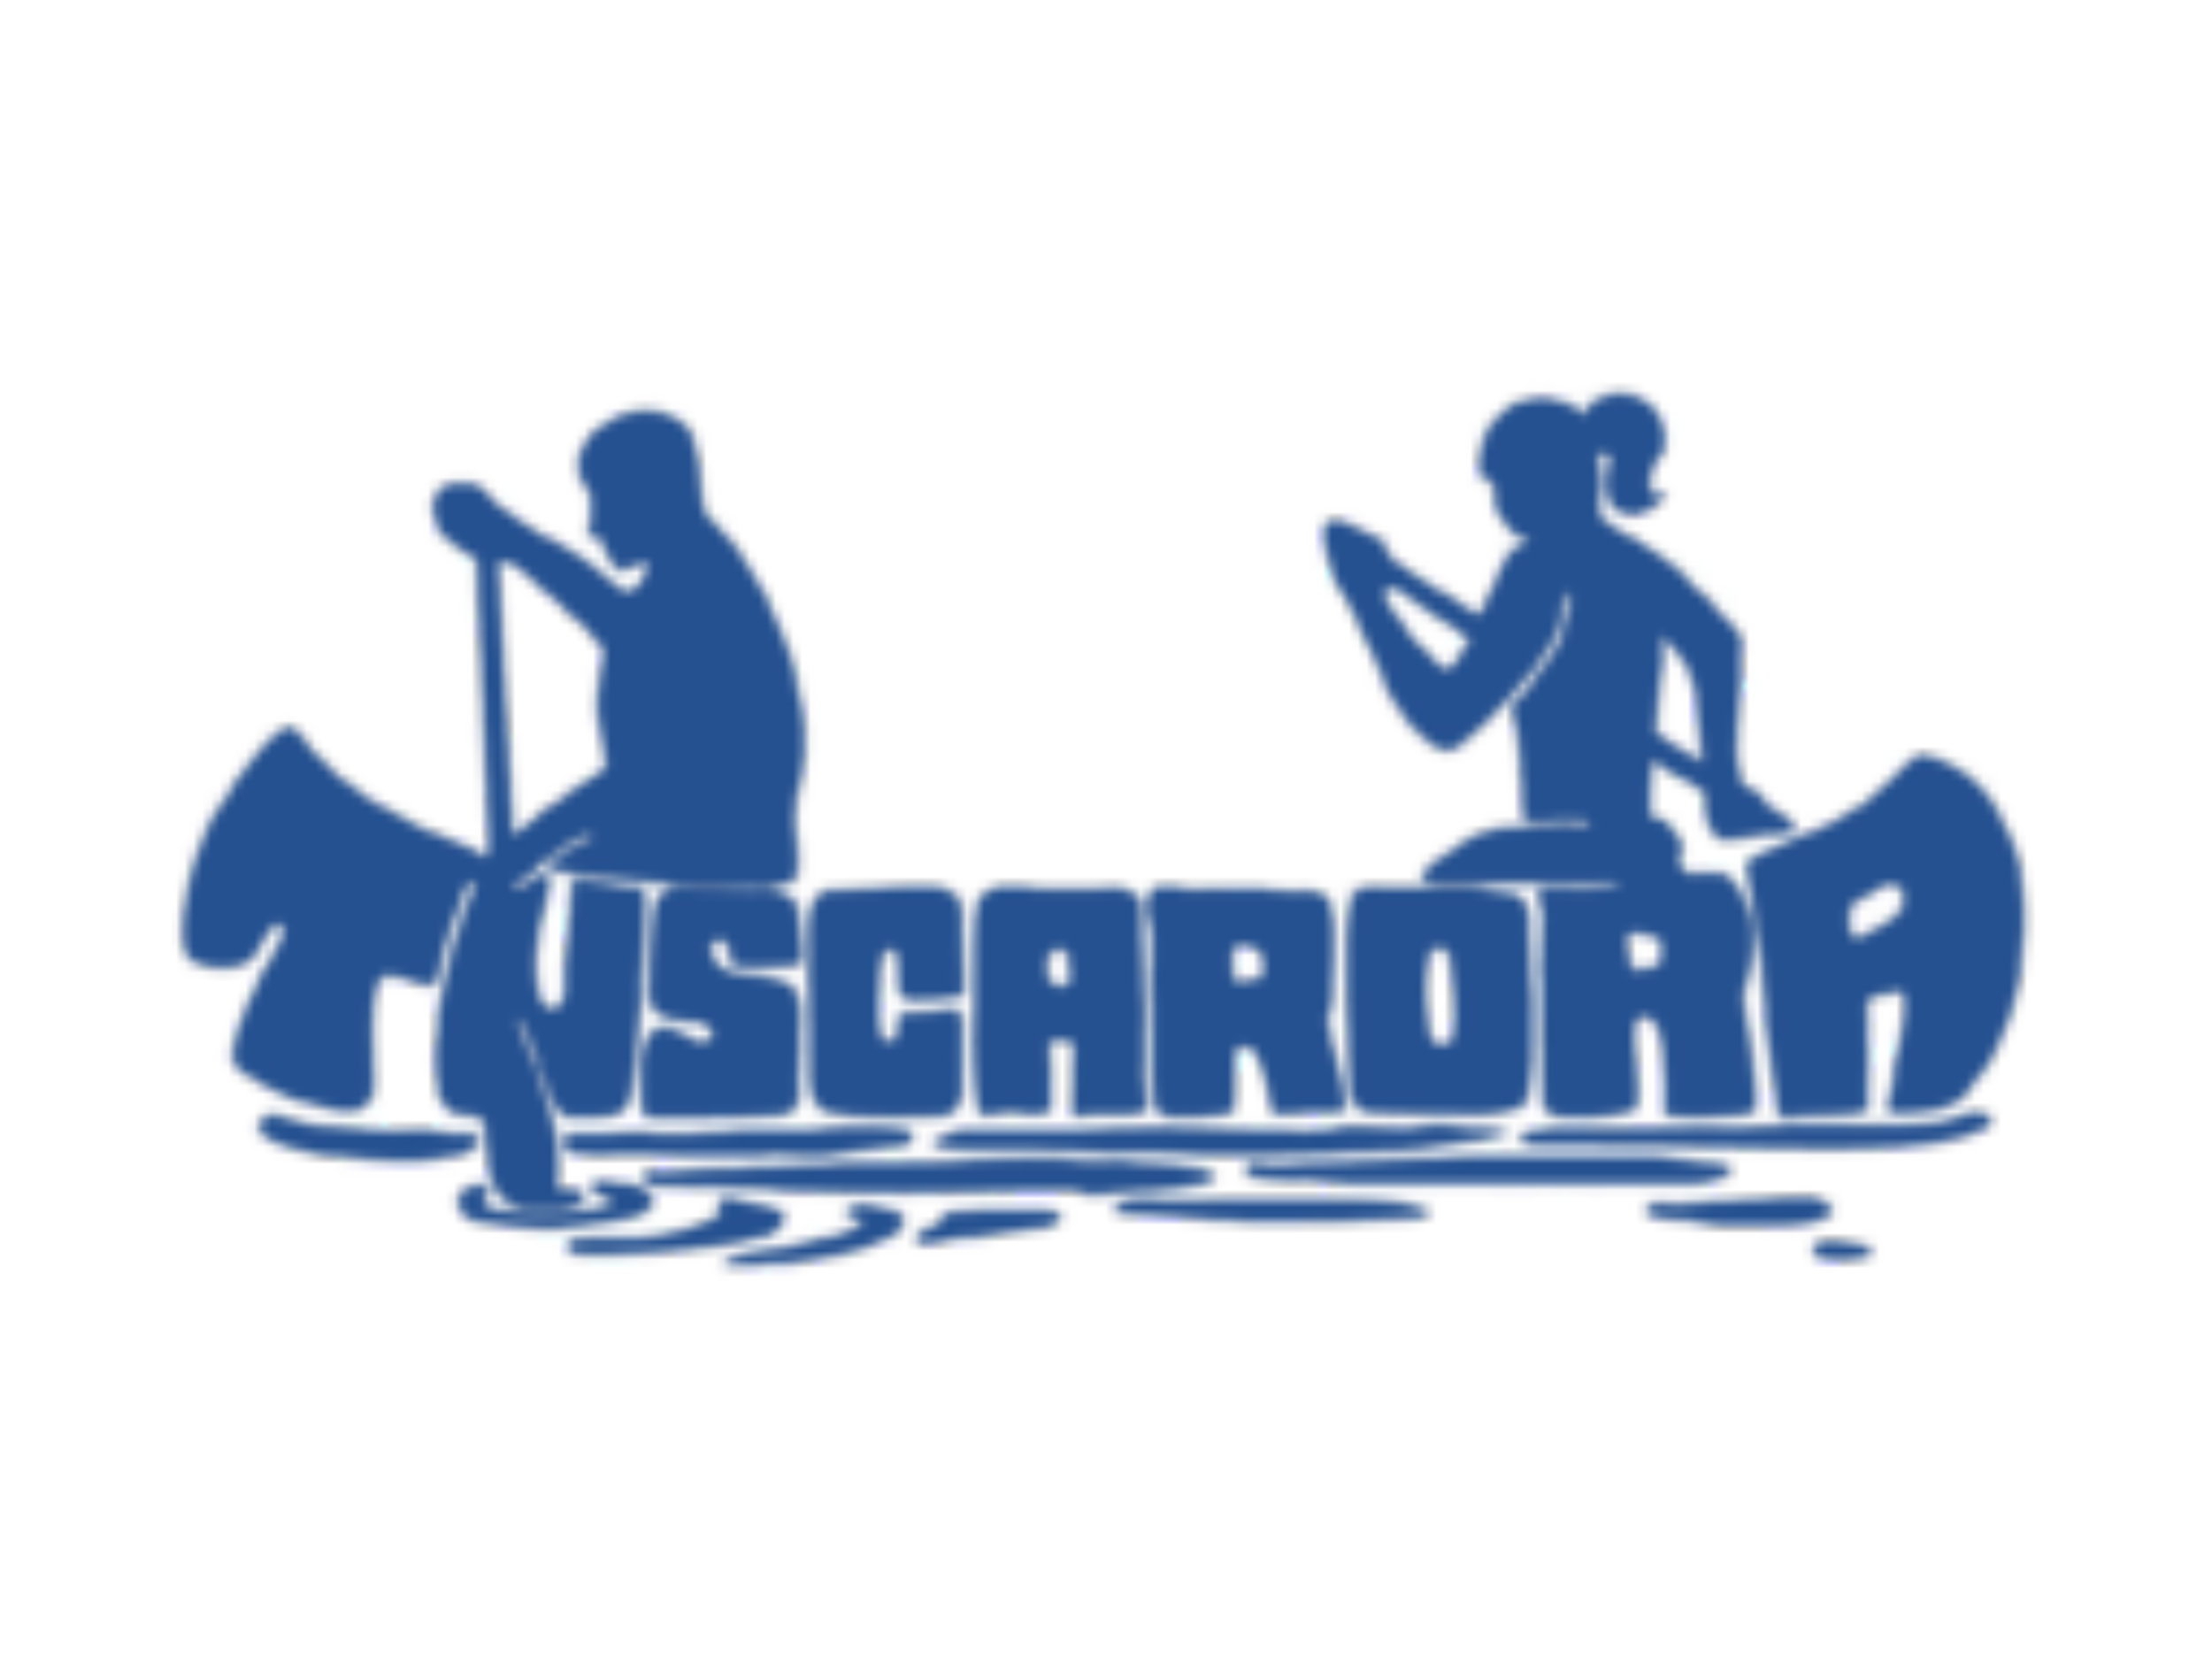 Tuscora lodge & canoe outfitters - 193 Round Lake RoadGrand Marais, MN 55604Phone: 218-388-2221Email: info@tuscaroracanoe.com